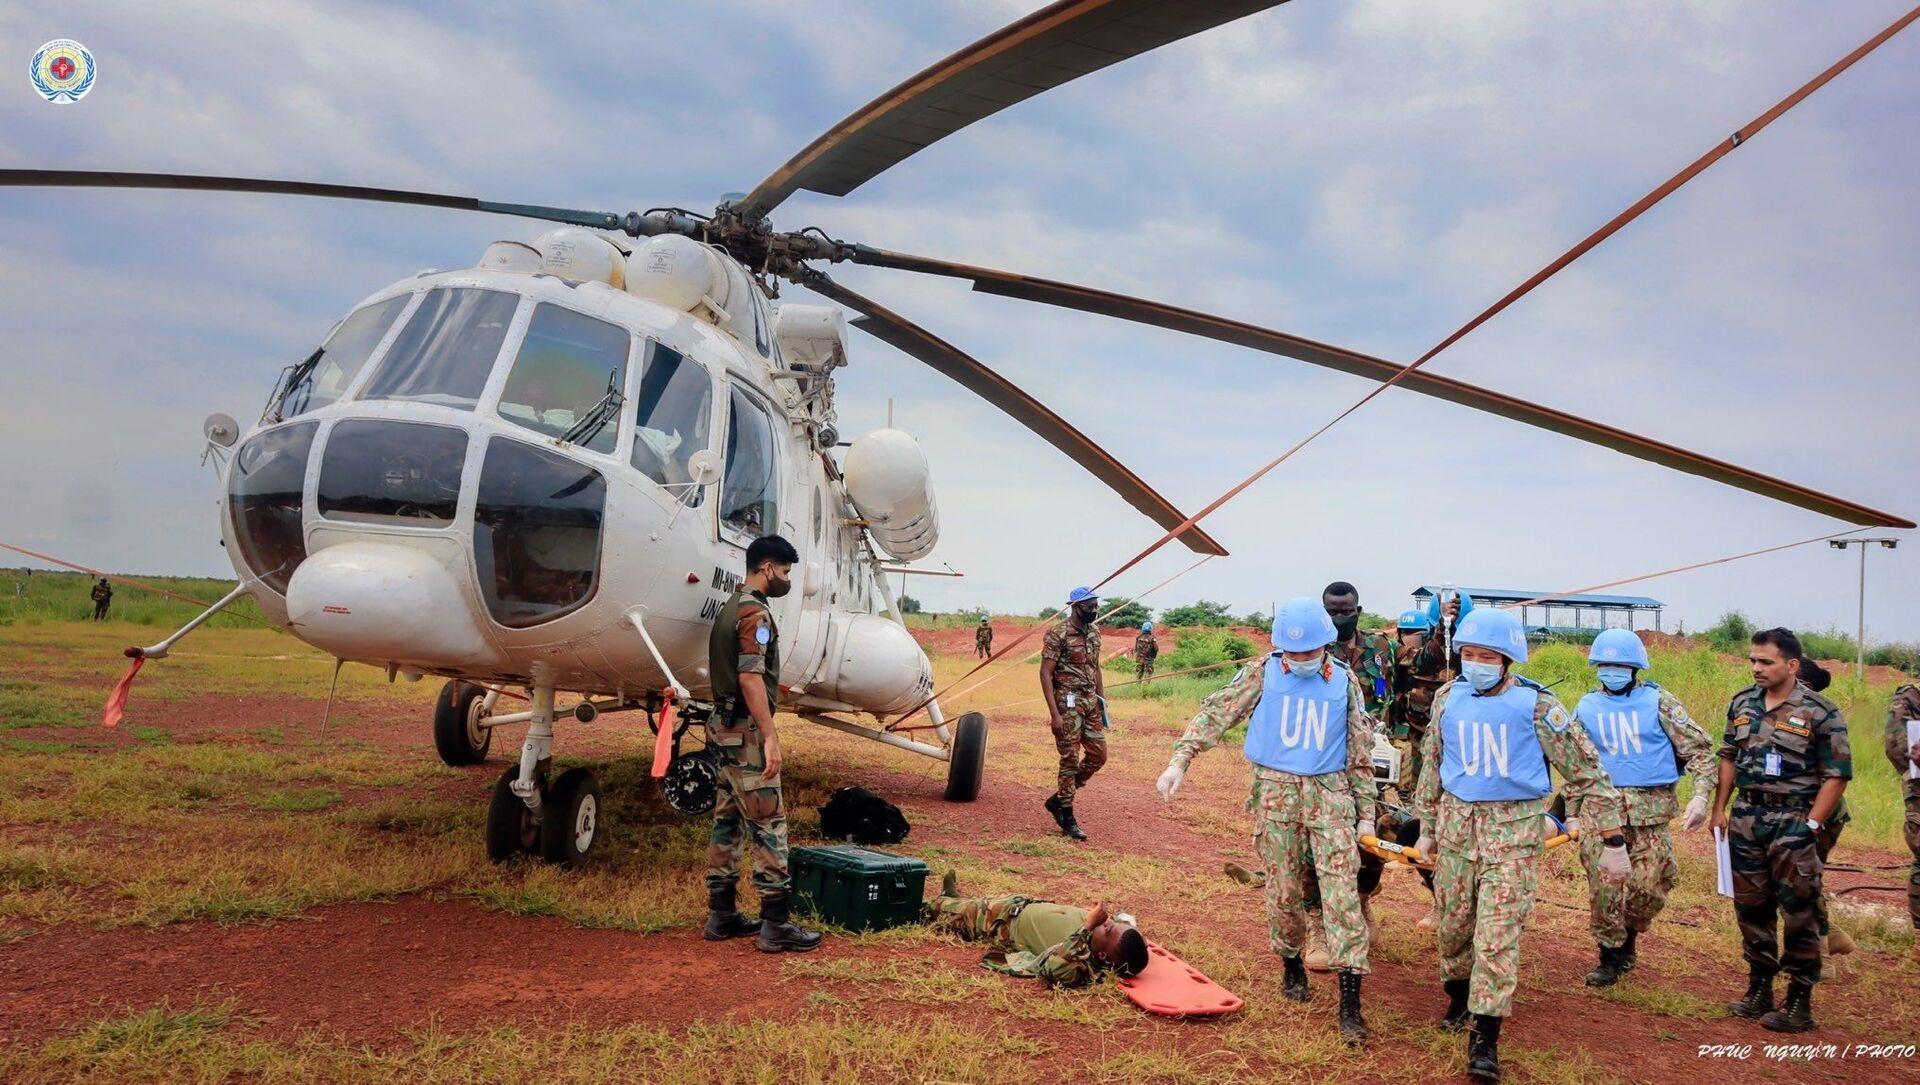 Diễn tập vận chuyển cấp cứu bằng đường không trên thực địa (CASEVAC) của BVDC 2.3 tại sân bay trực thăng Helipad, Bentiu, Nam Sudan - Sputnik Việt Nam, 1920, 22.09.2021